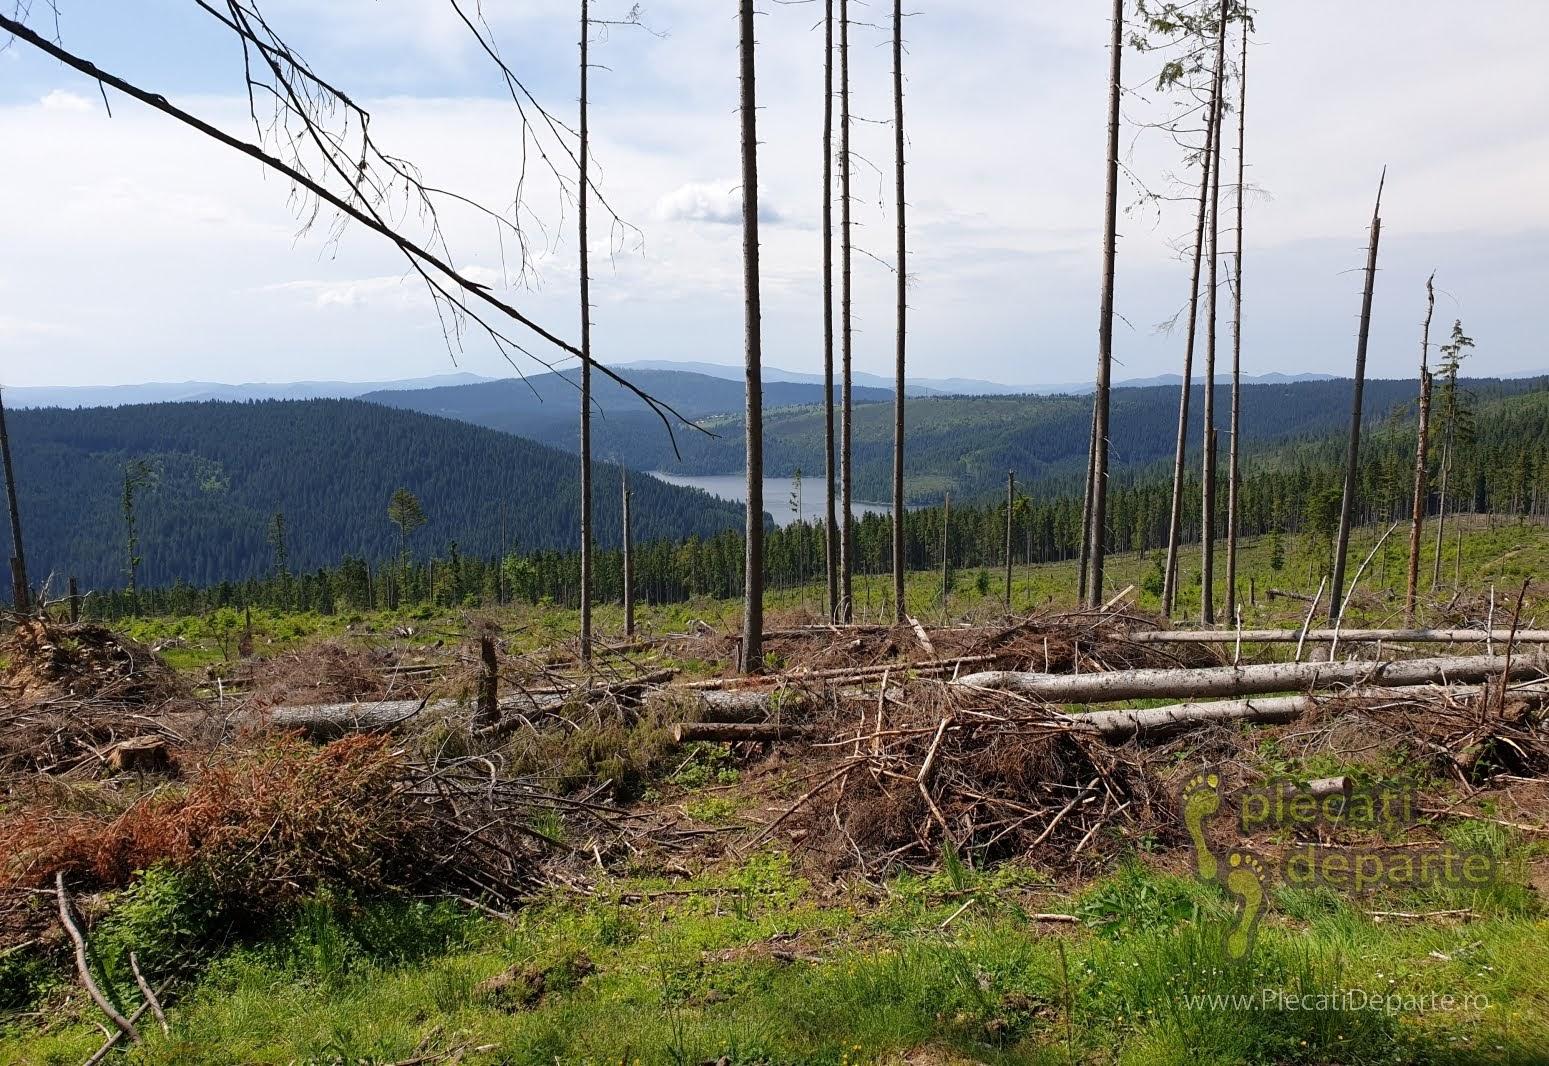 muntii apuseni obiective turistice tara motilor transursoaia trans-ursoaia dn 1R dn1R lacul belis taieri paduri defrisari lemn romanesc copaci taiati despadurire fond forestier